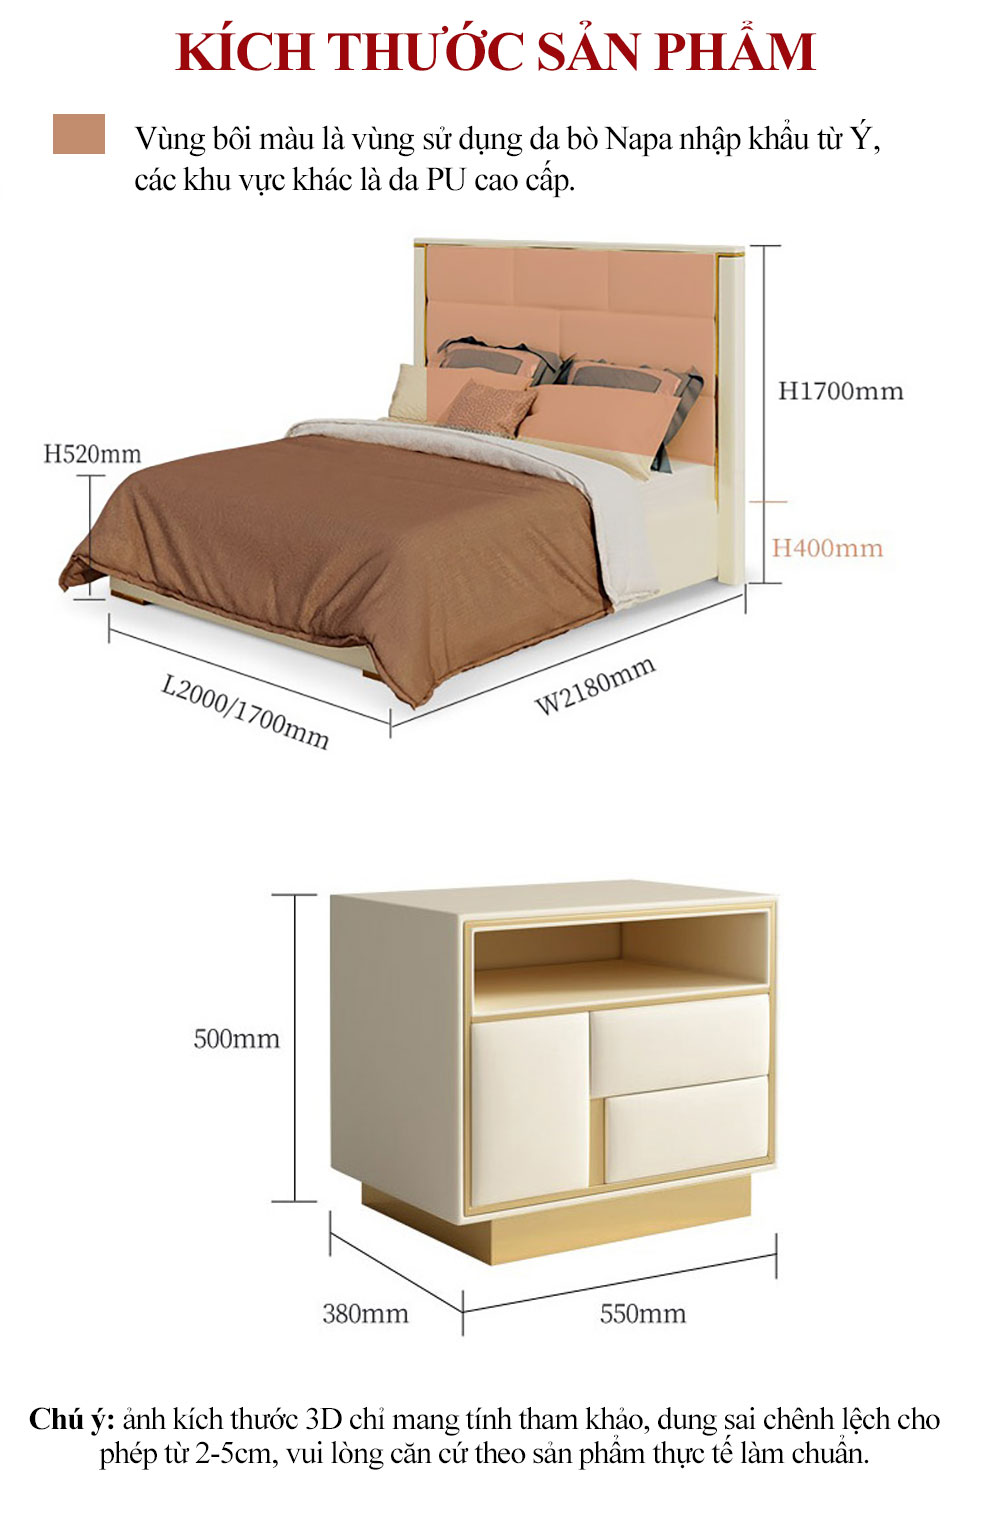 Bộ giường ngủ cao cấp bọc da cho phòng ngủ sang trọng G165